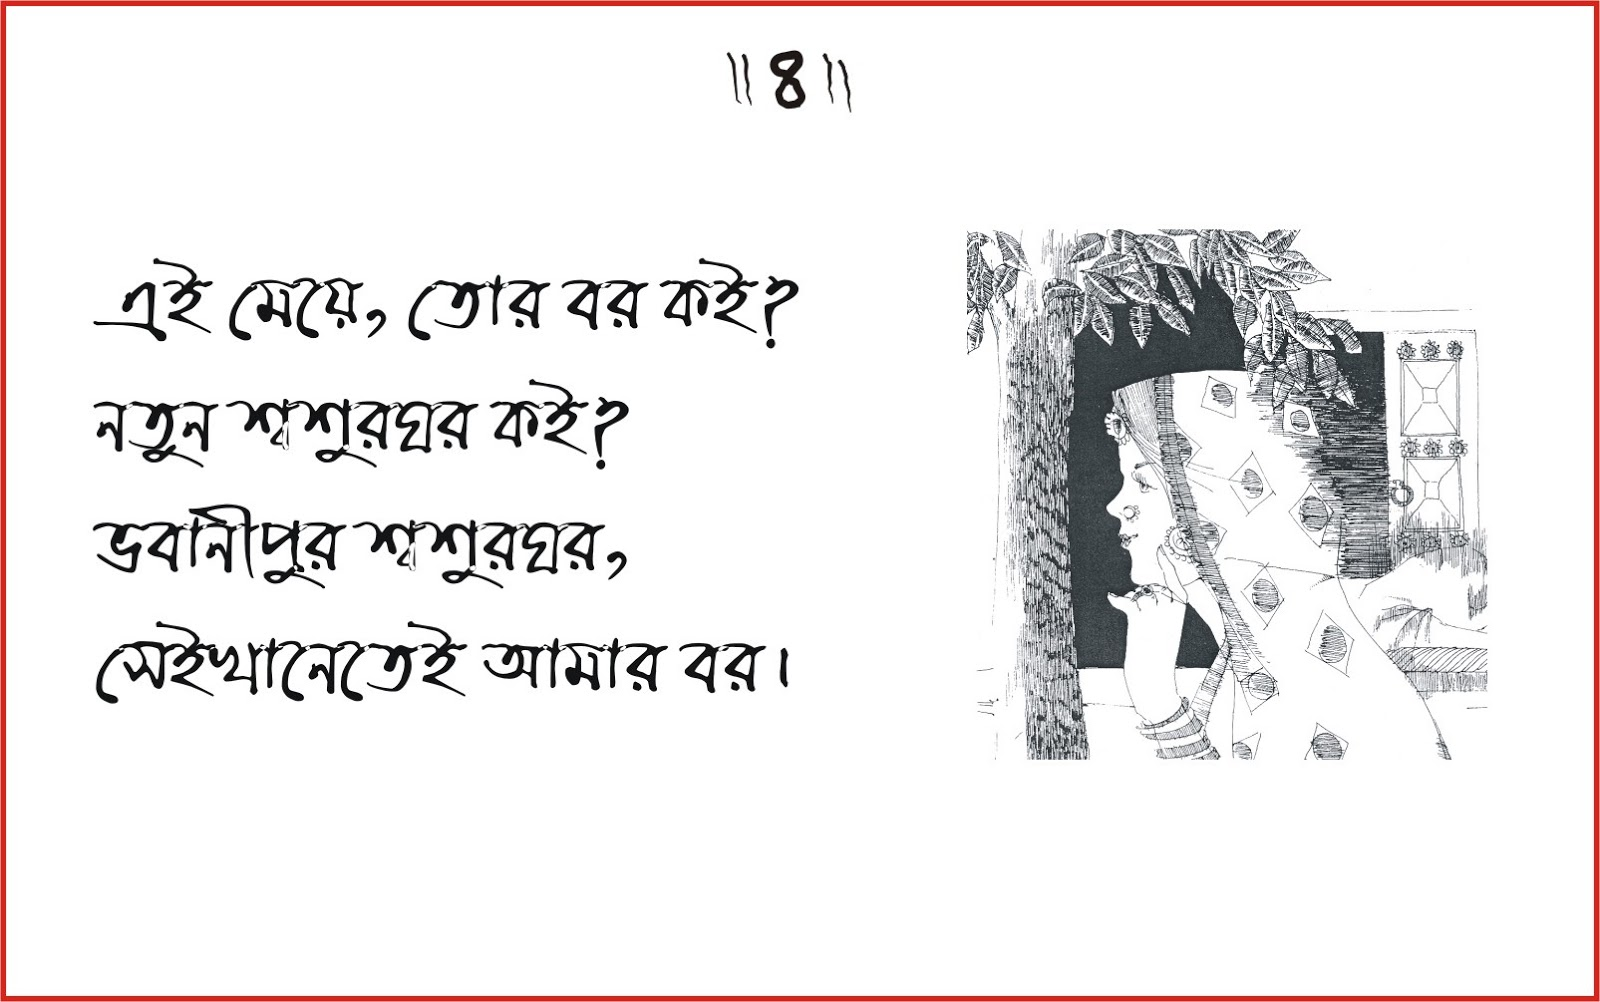 Biyer chora in bangla